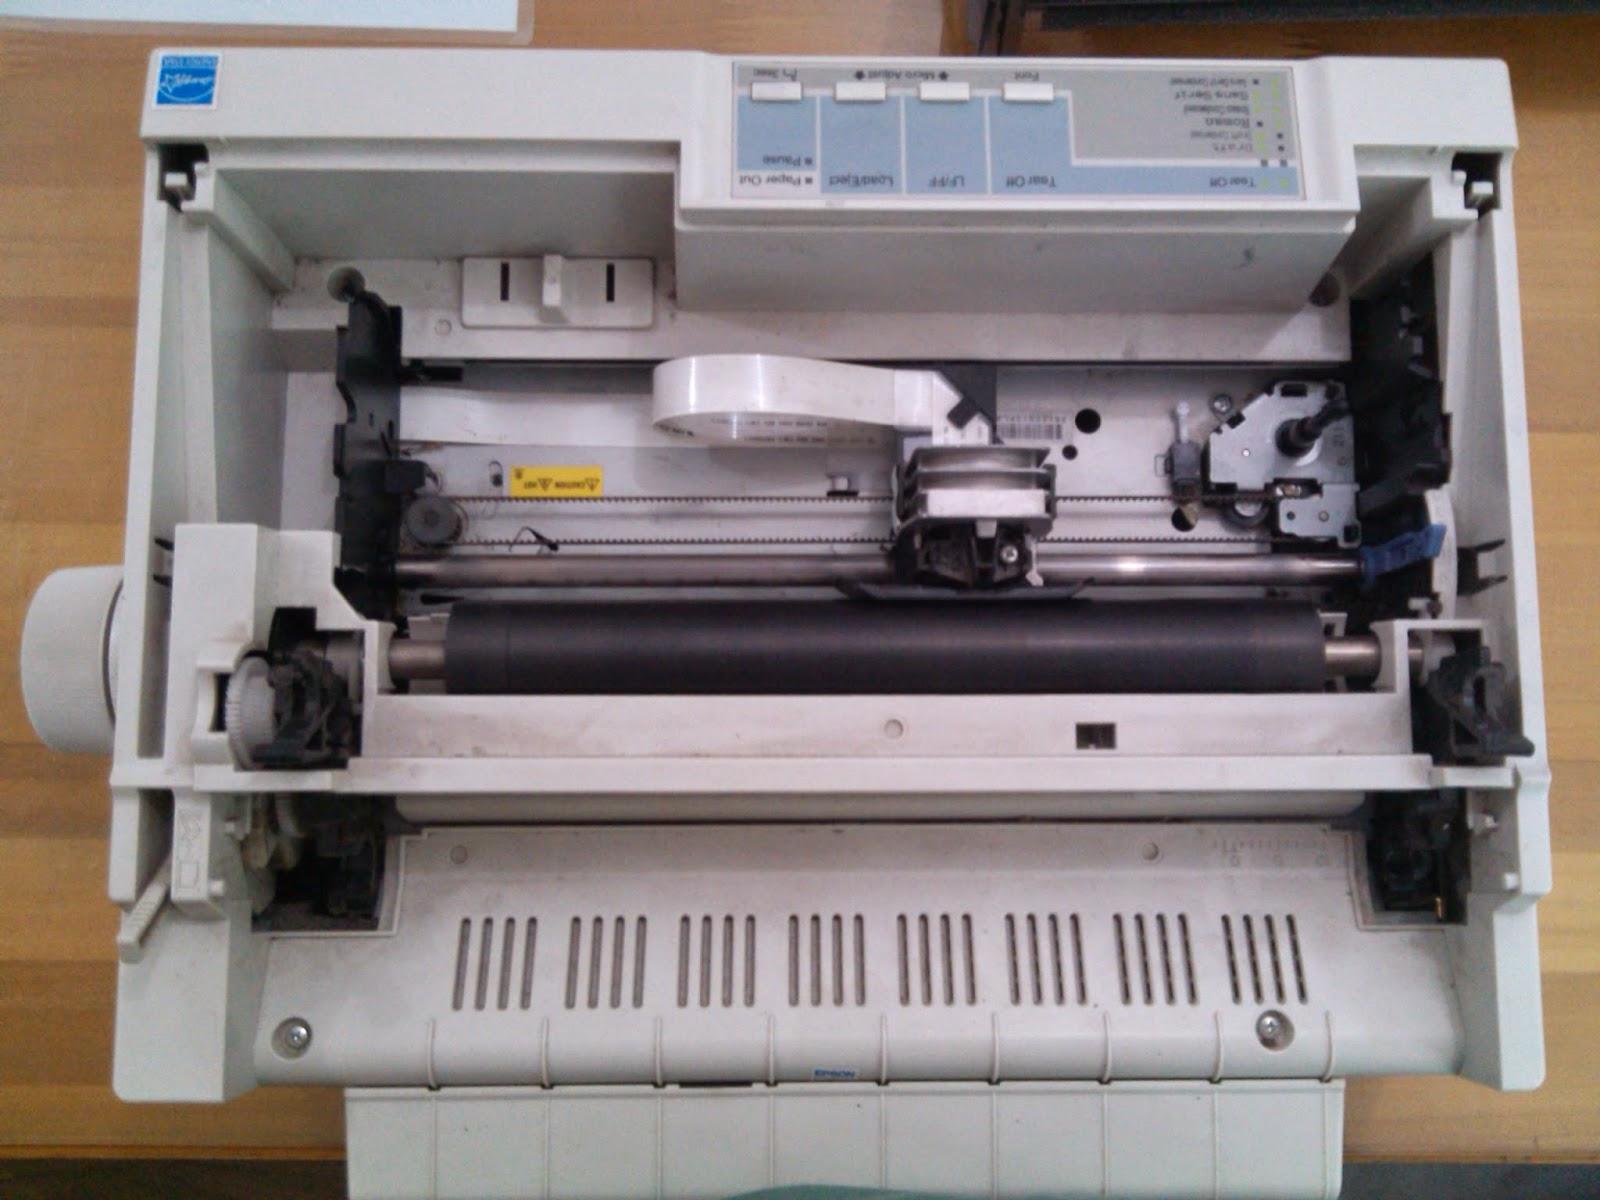 Membongkar Printer Lx300 Lx310 Karena Tidak Mau Narik Kertas Sagari Chan